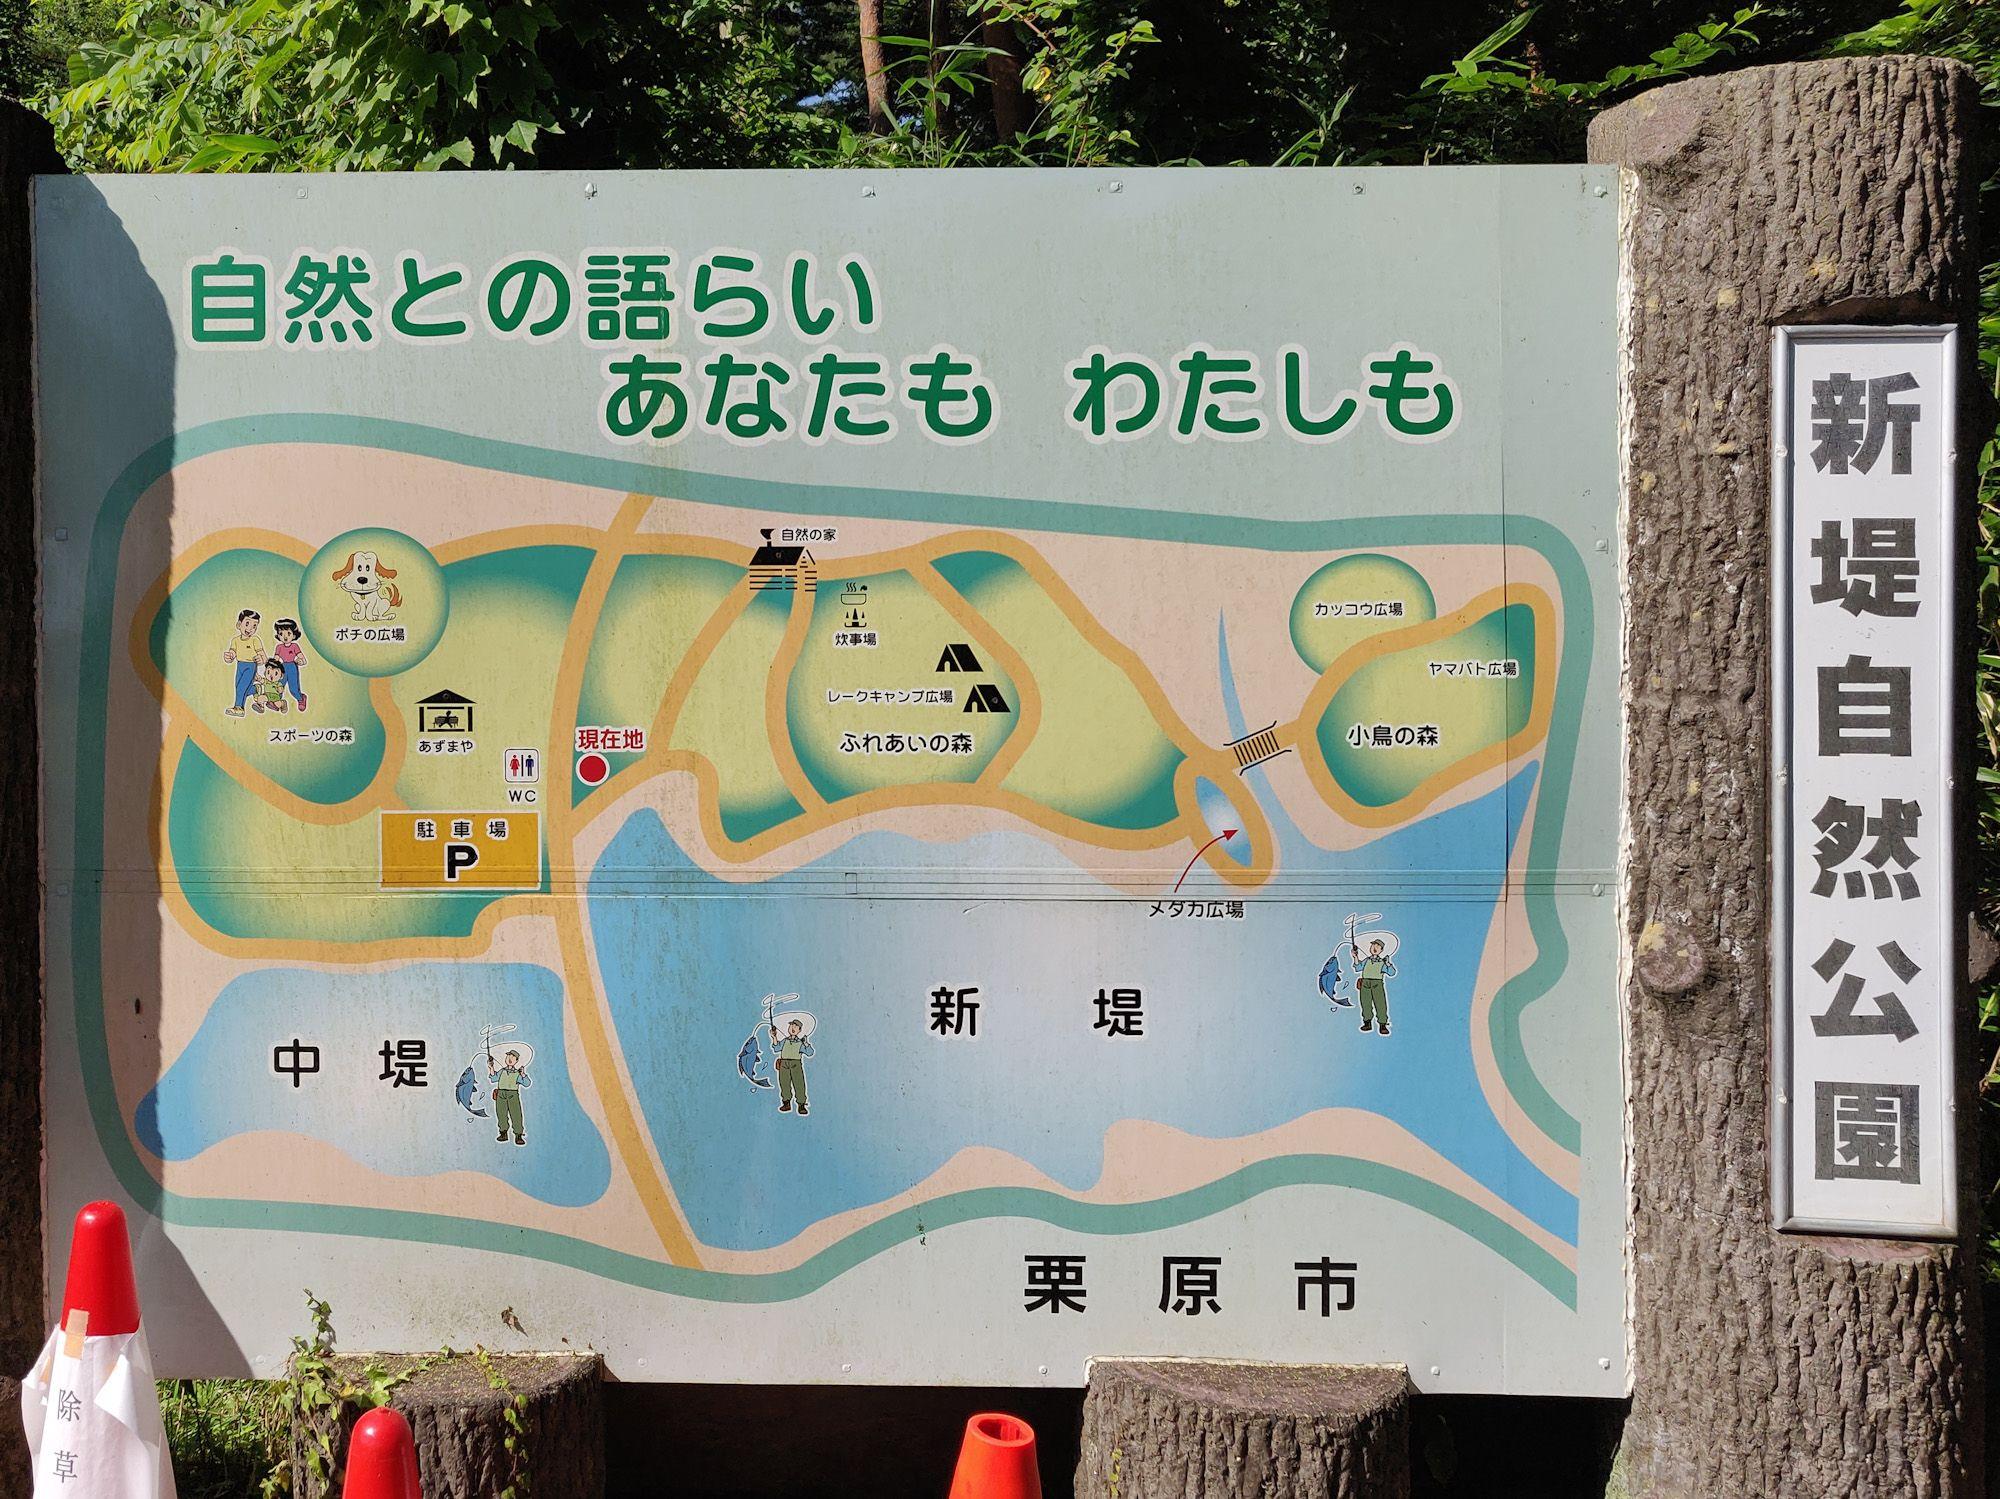 高清水新堤自然公園キャンプ場 地図